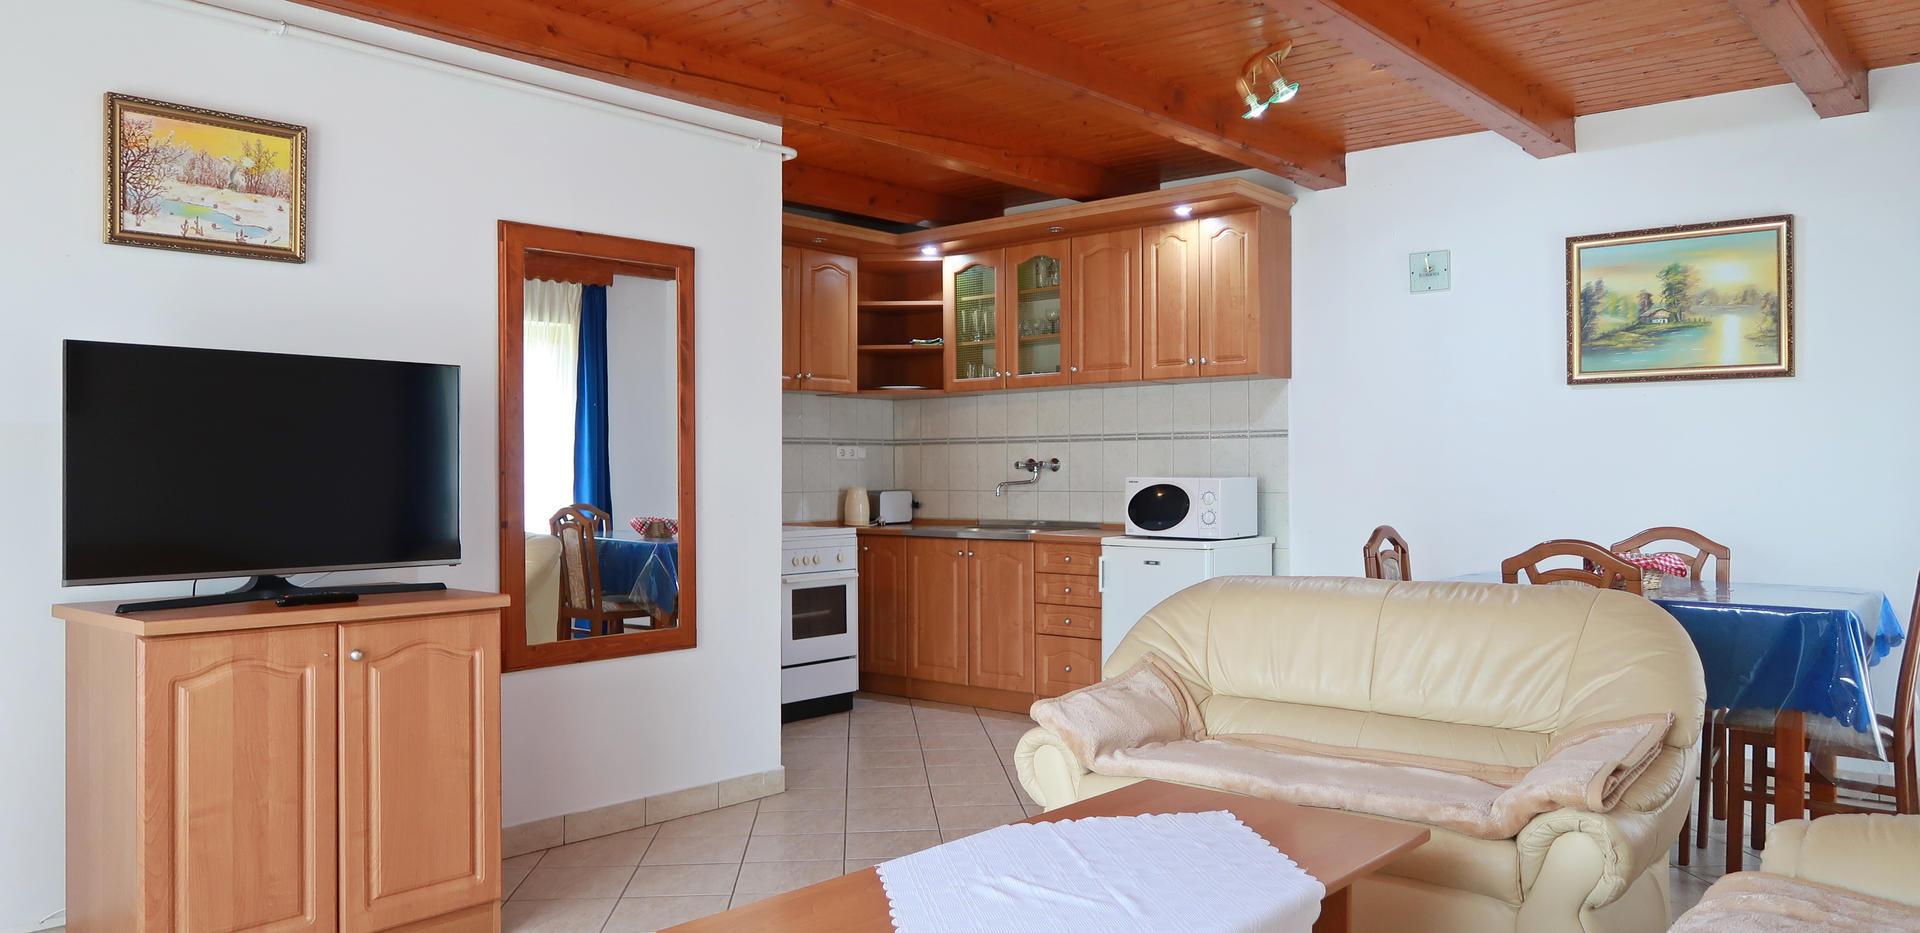 Zalakaros_3-as Ház_4 személyes apartman